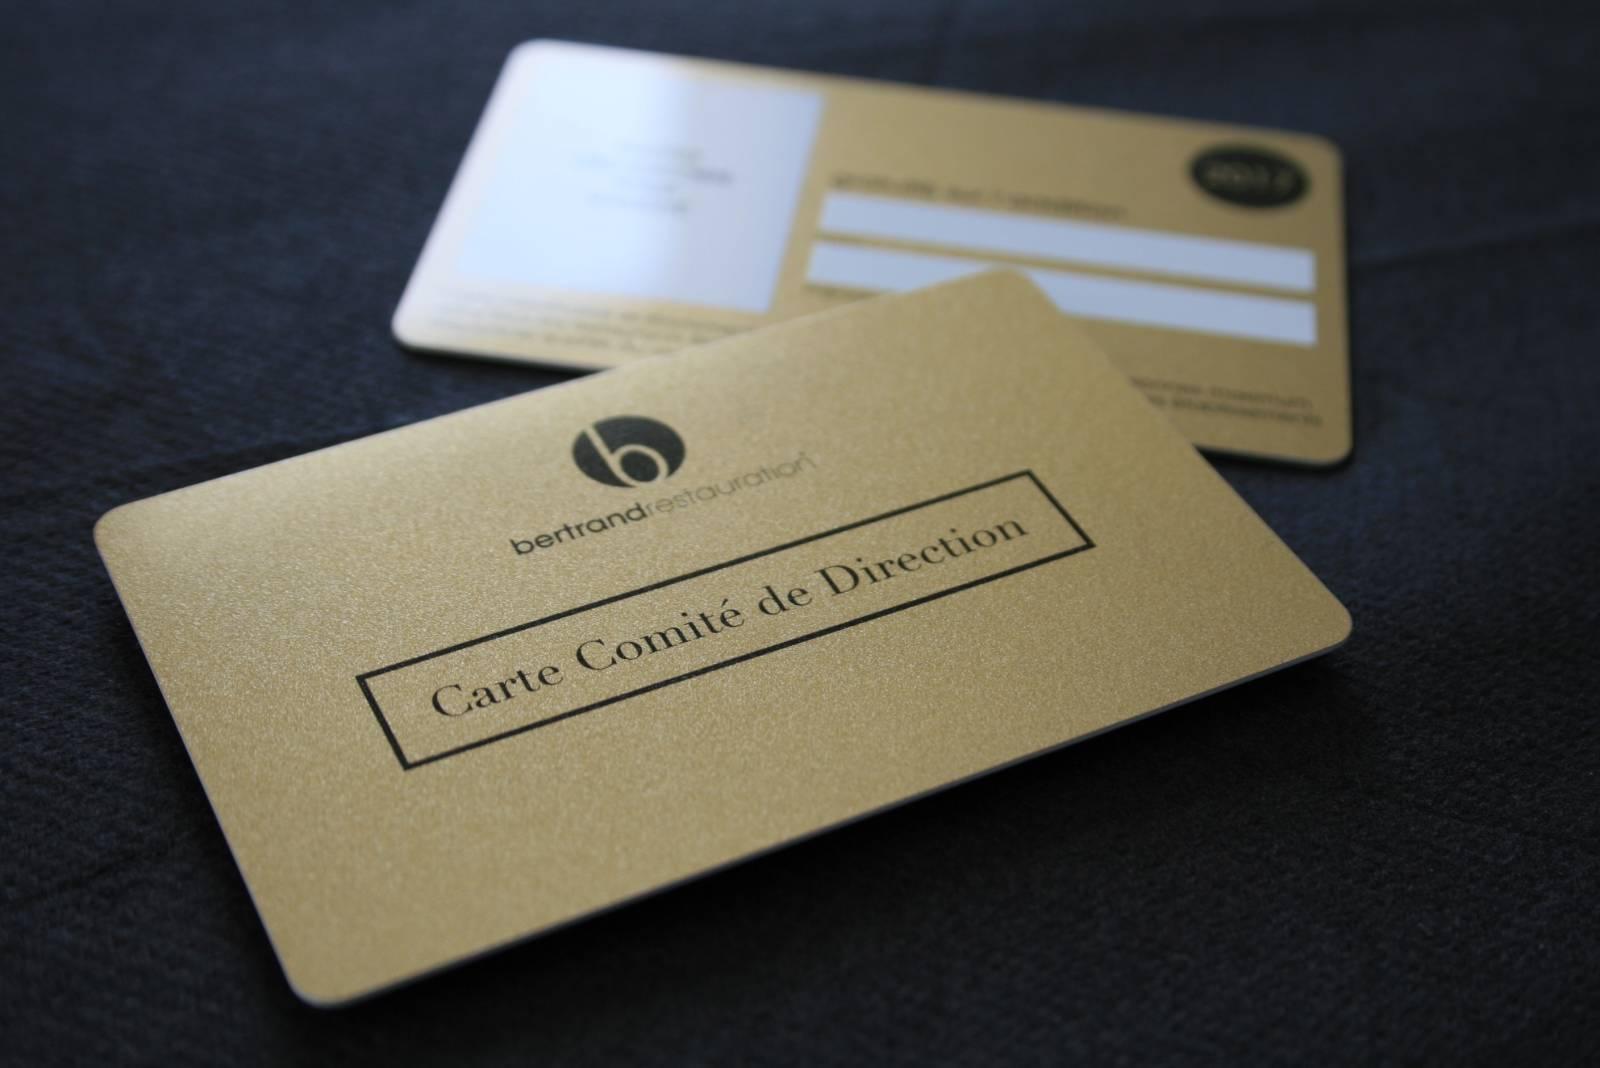 Carte De Membre En PVC Or Avec Paillettes Et Overlay Pour Restaurant A Paris 75